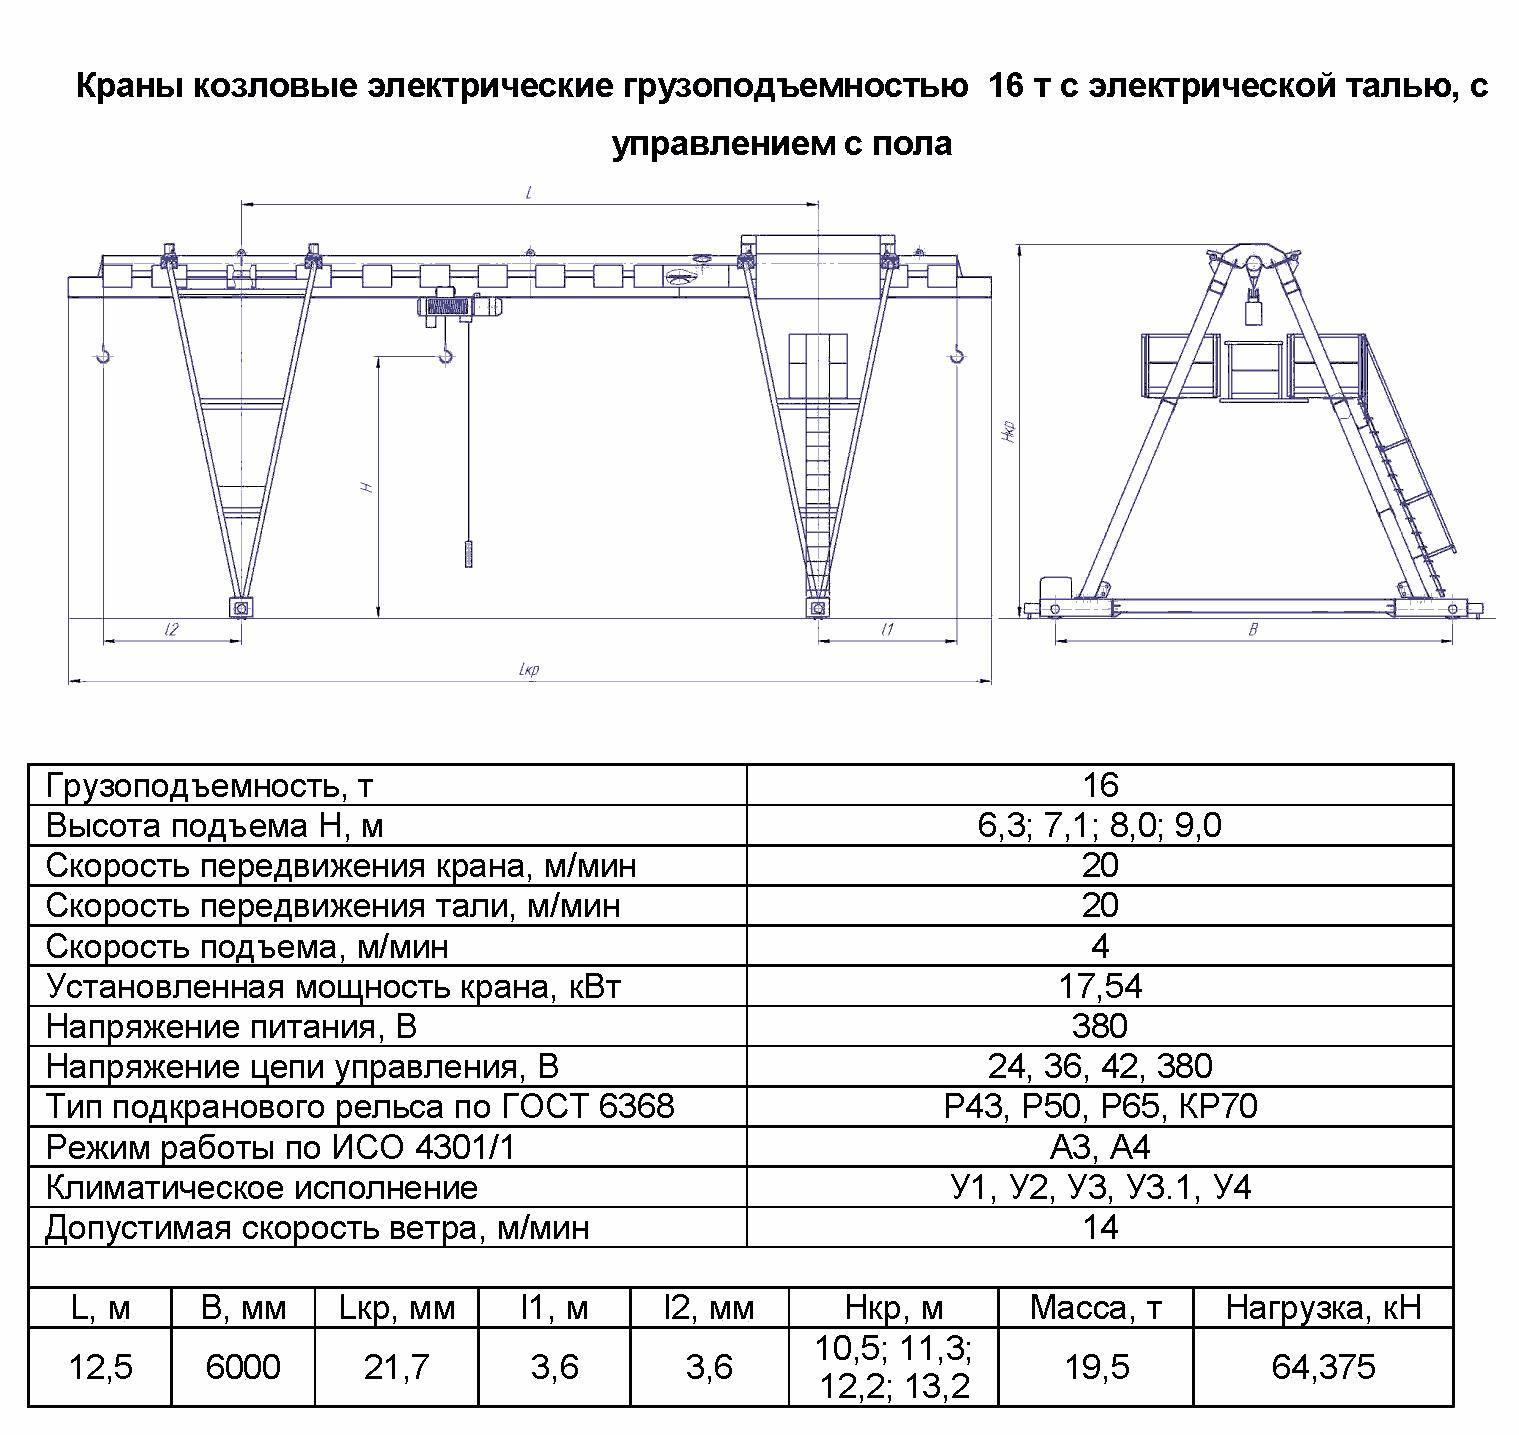 KKO 16 125 - Кран козловой электрический однобалочный